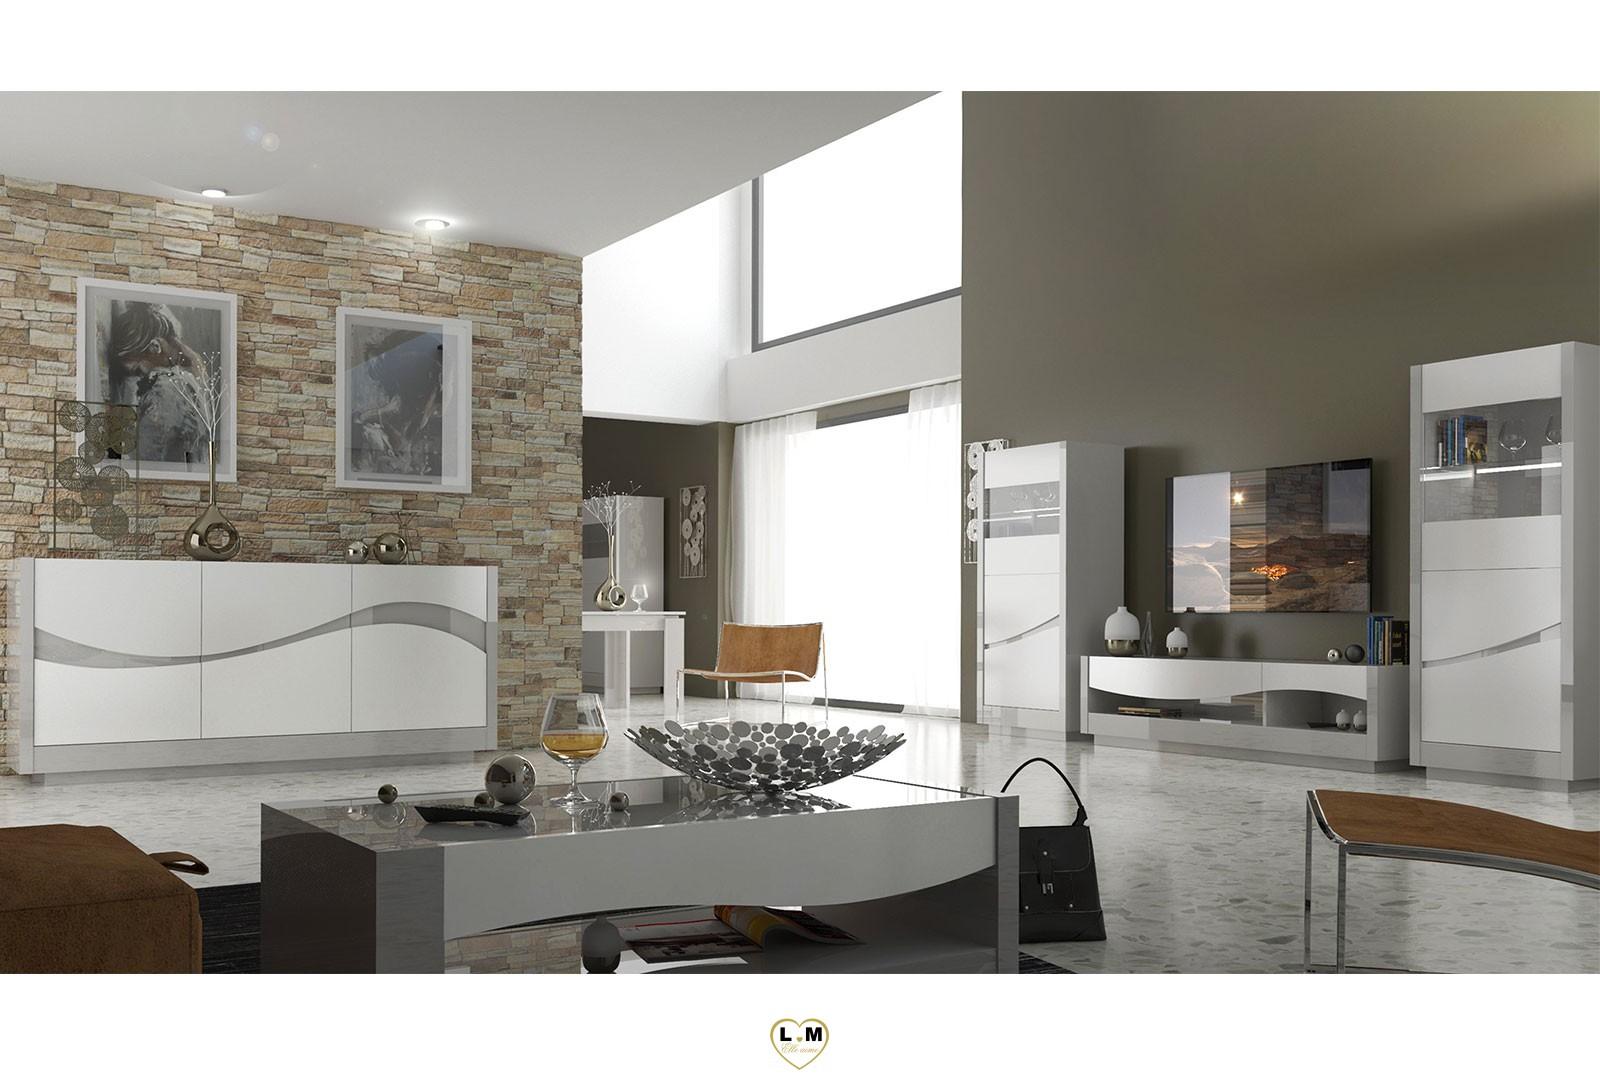 lacanou laque blanc et taupe sejour salle a manger moderne l 39 ensemble avec la vitrine le. Black Bedroom Furniture Sets. Home Design Ideas